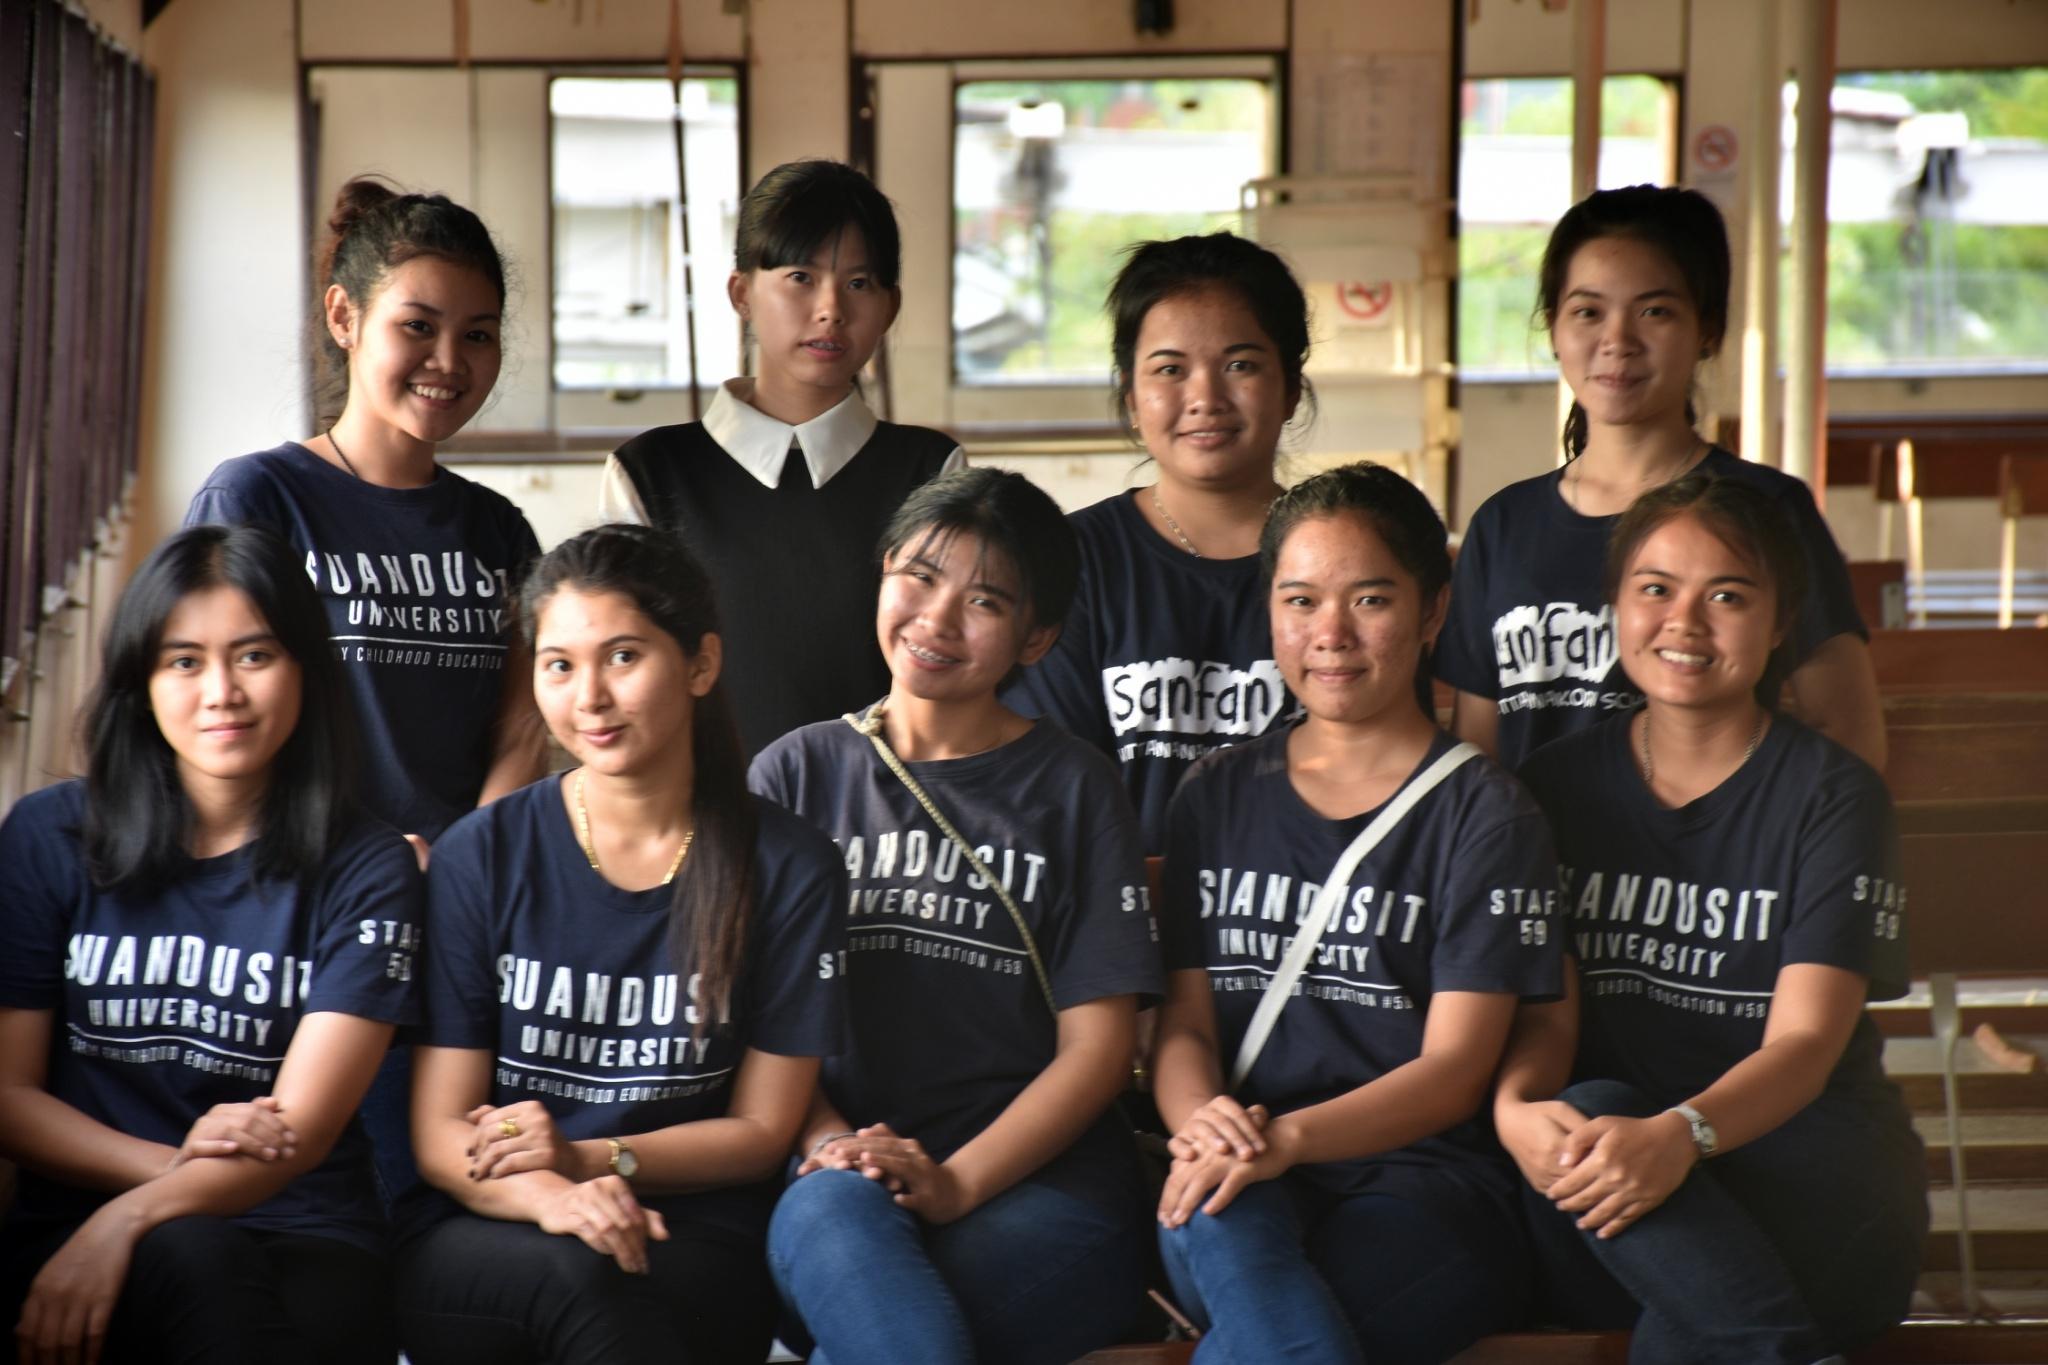 ชมรมนวัตกรรม มหาวิทยาลัยสวนดุสิต ศูนย์การศึกษานอกที่ตั้งนครนายก จัดกิจกรรมร่วมกับบ้านช้างไทย จ.ตราด